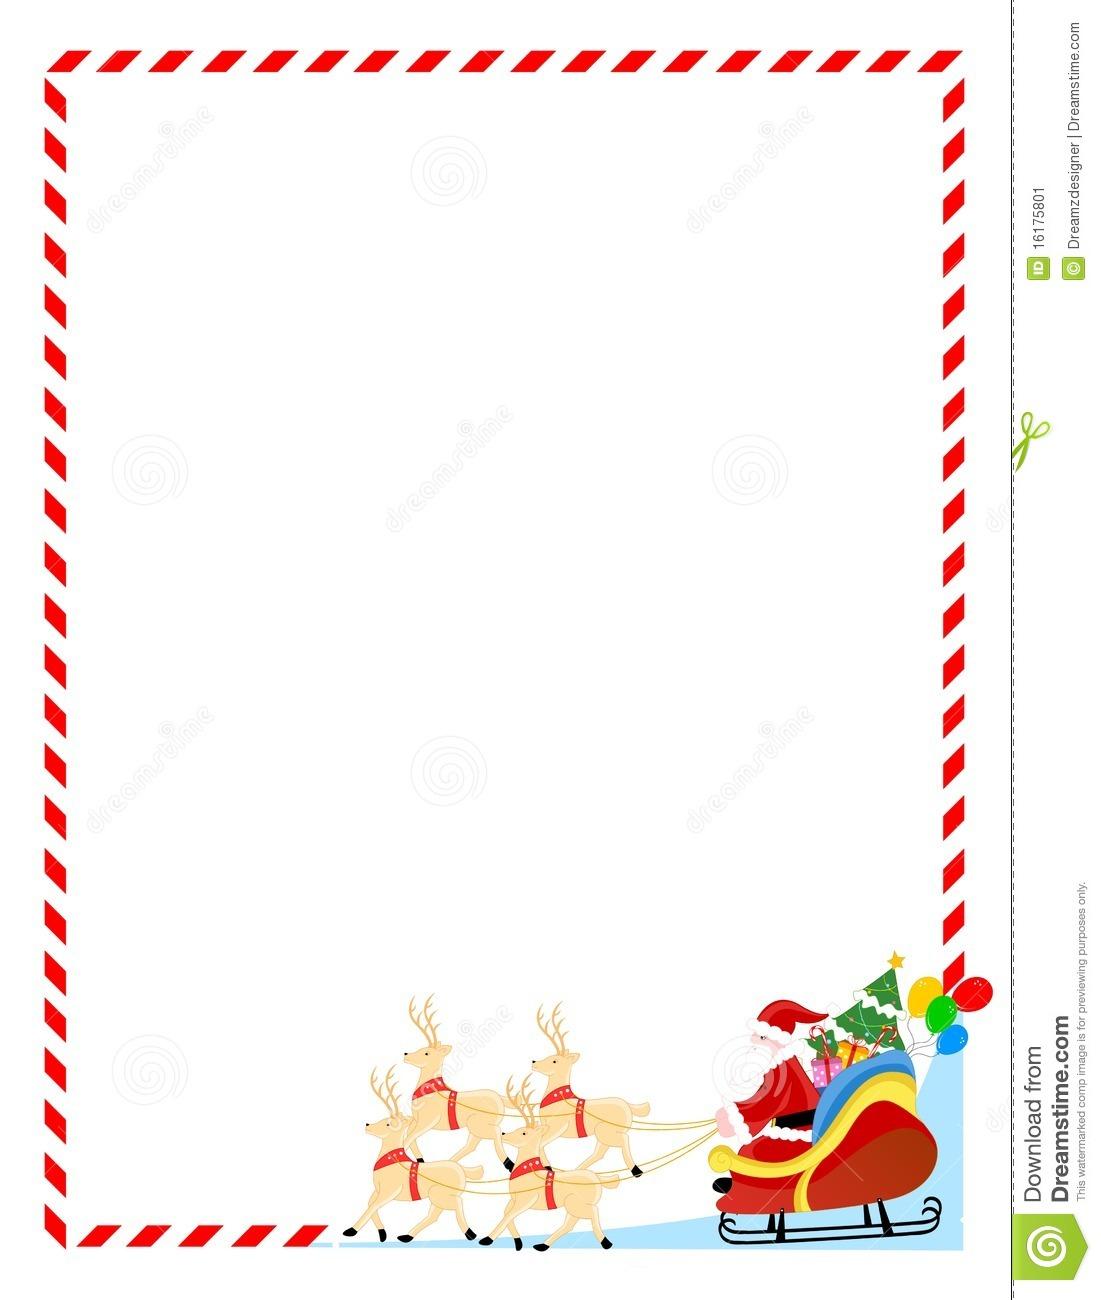 Christmas Letter Border Template - Santa Letter Borders Acurnamedia